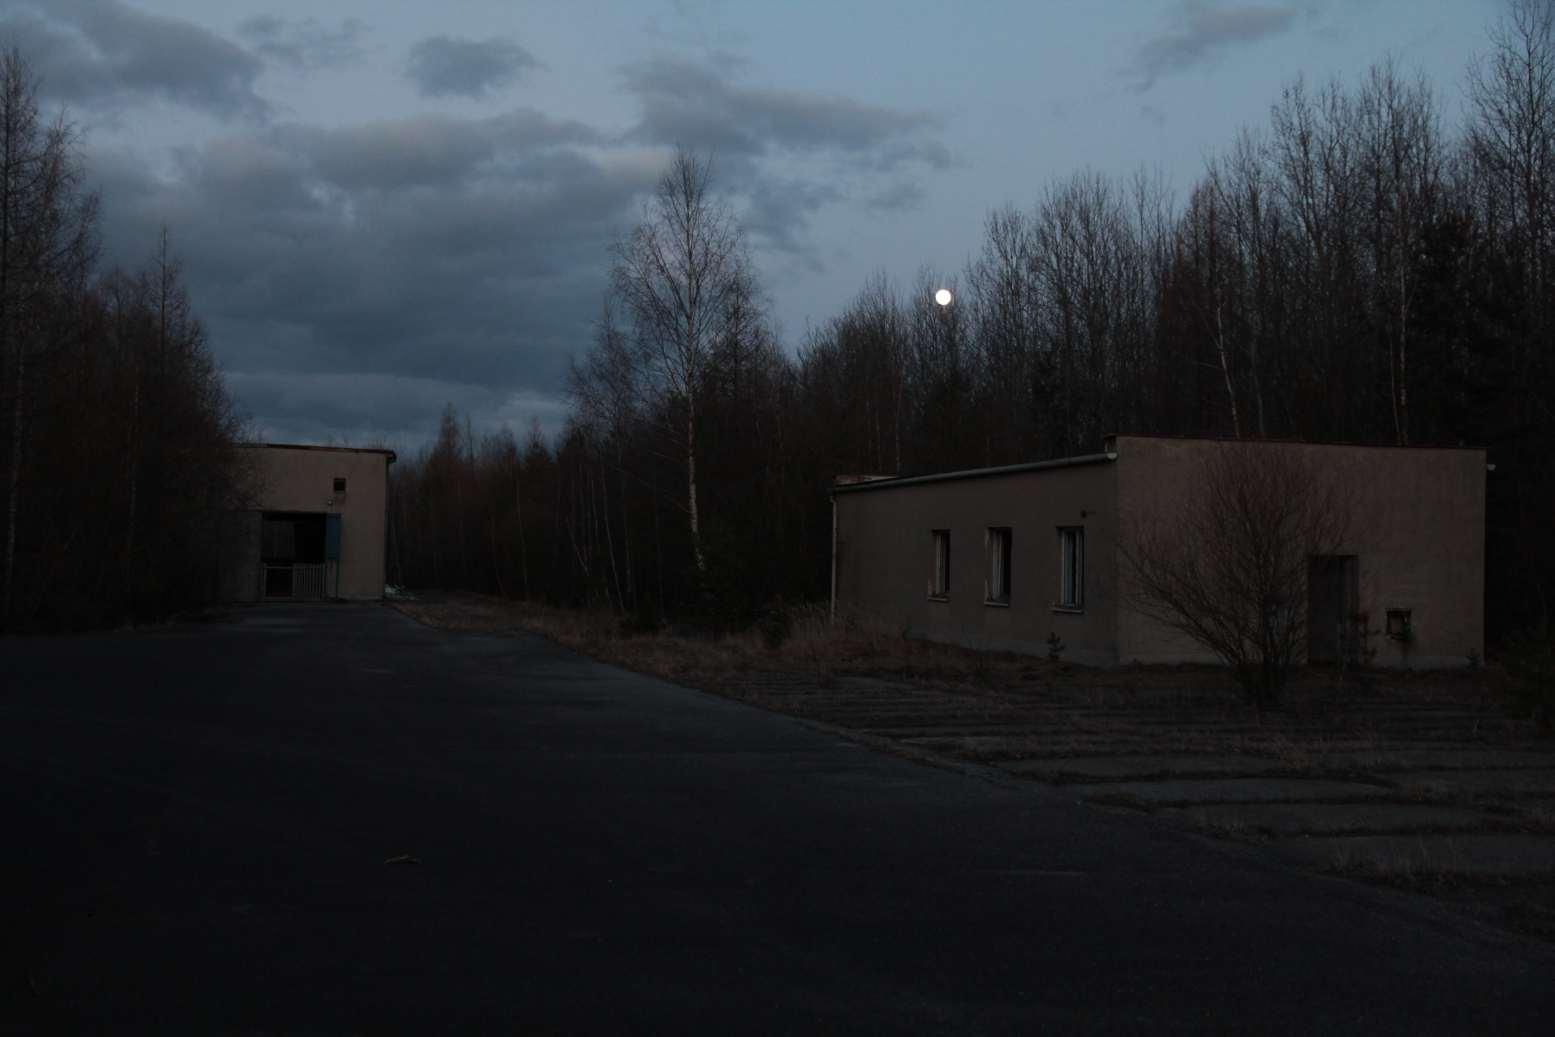 V měsíčním svitu vypadá vše zvláštně a tajemně